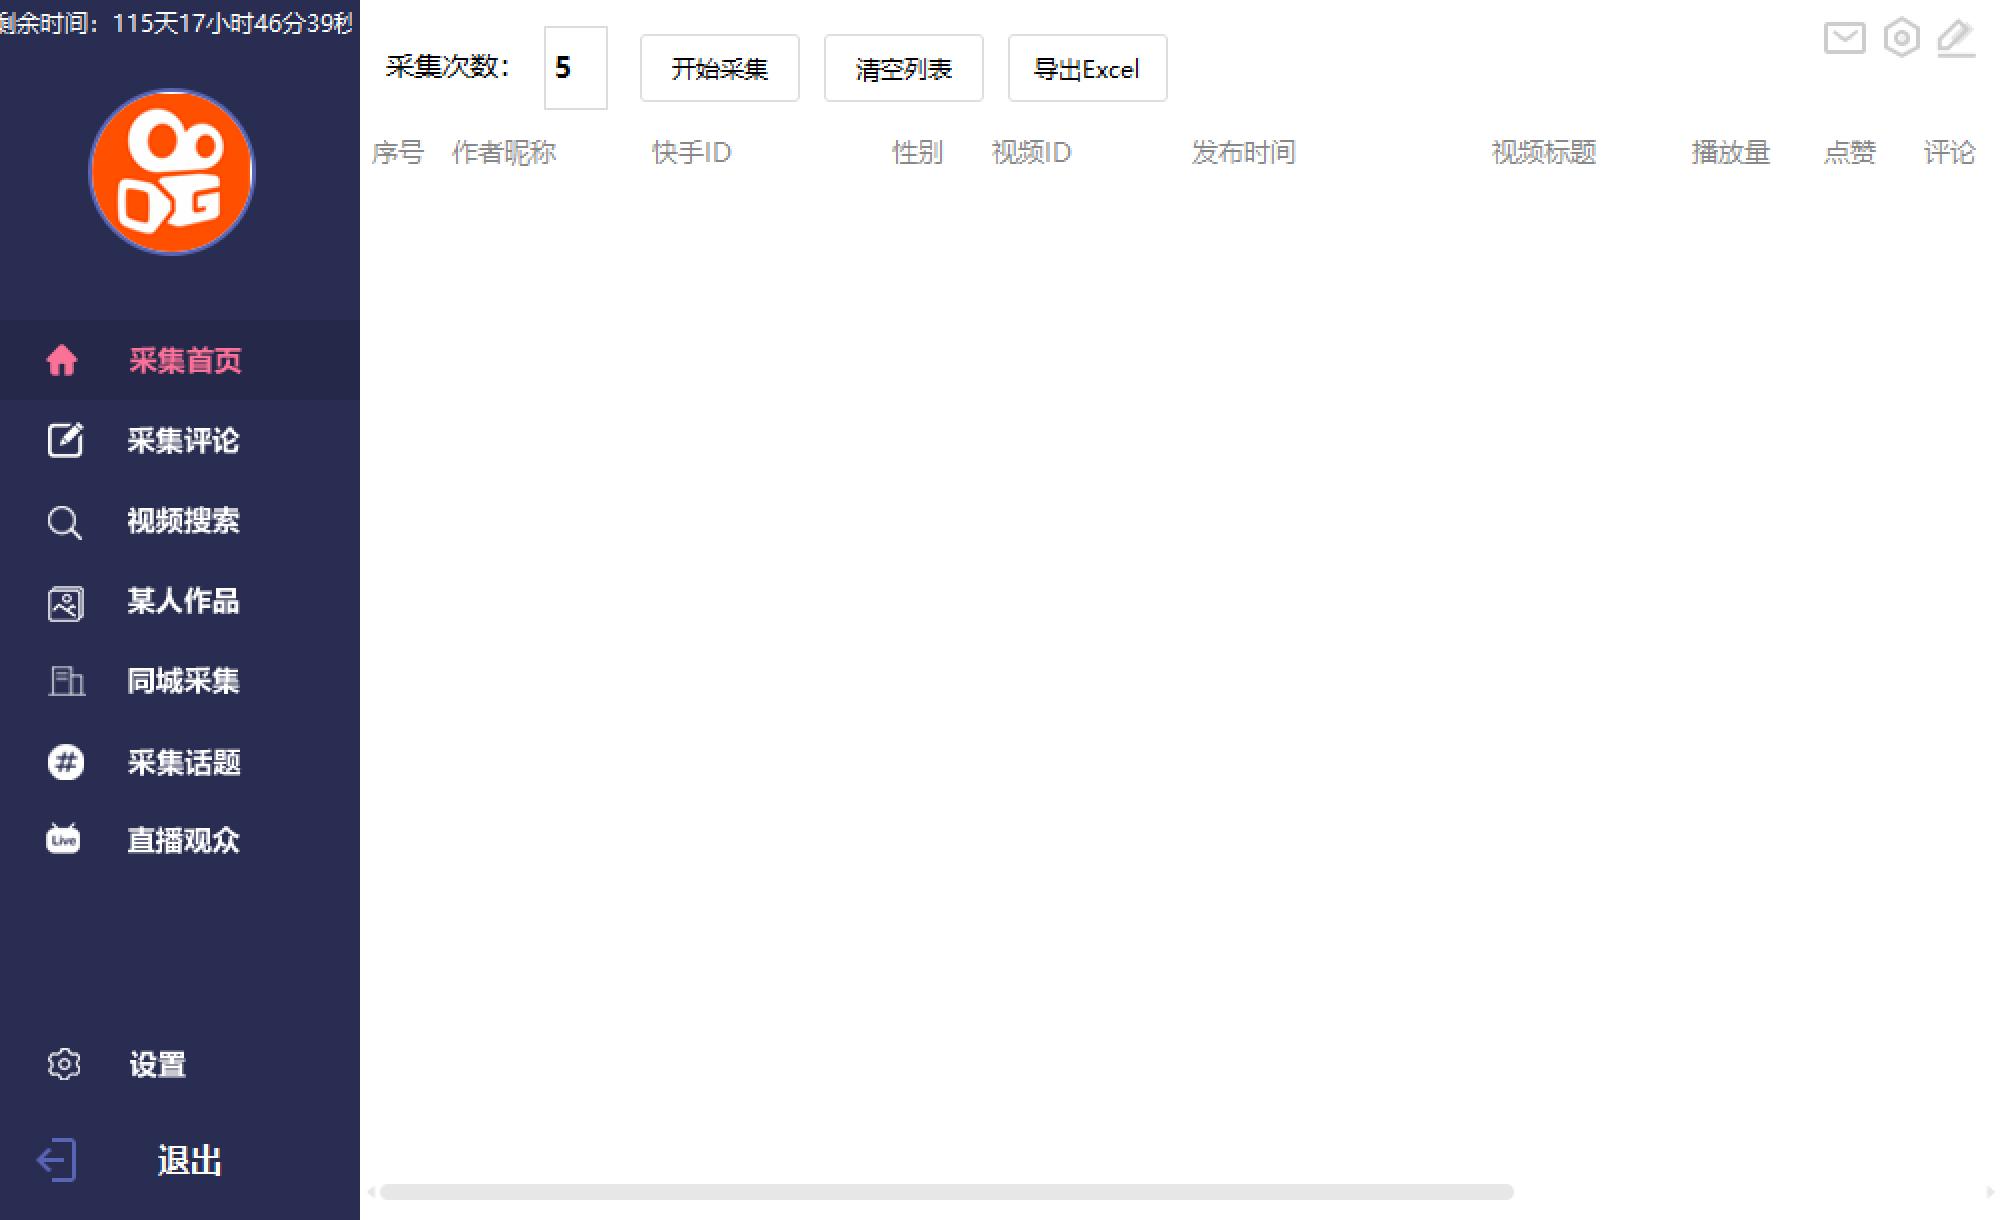 【小火鸡快手采集】采集快手首页、采集评论、视频搜索、某人作品、同城采集、采集话题、直播观众插图(2)